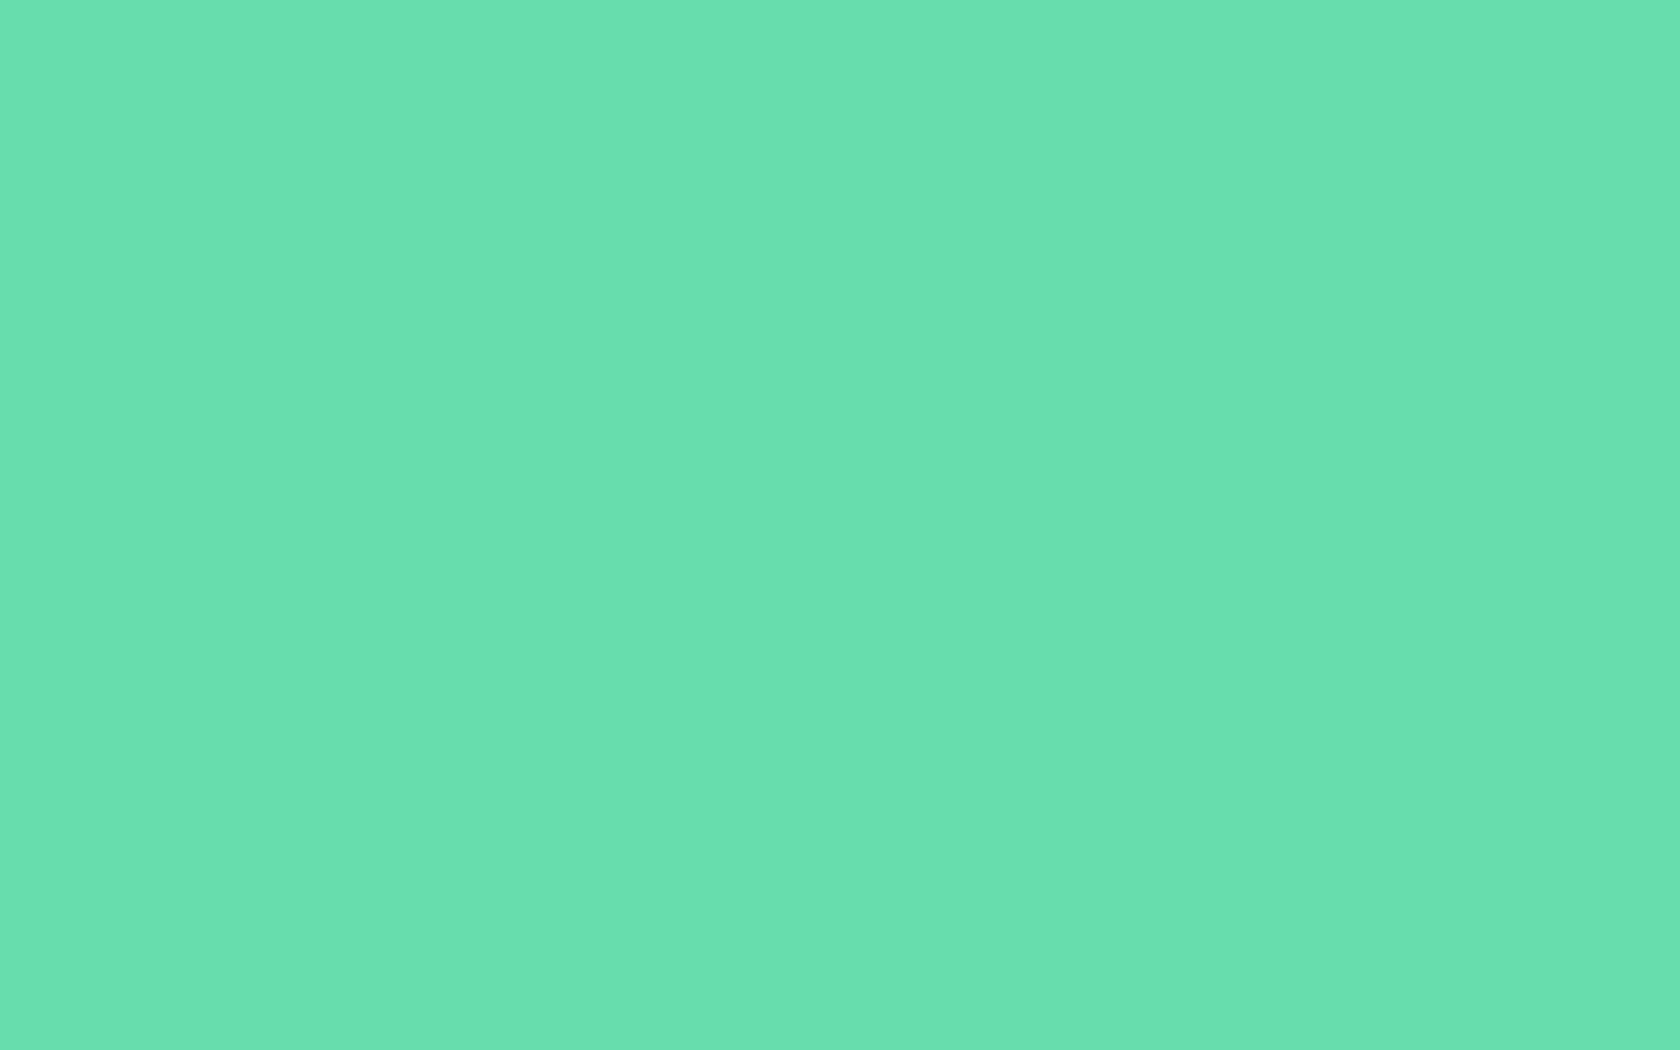 1680x1050 Medium Aquamarine Solid Color Background